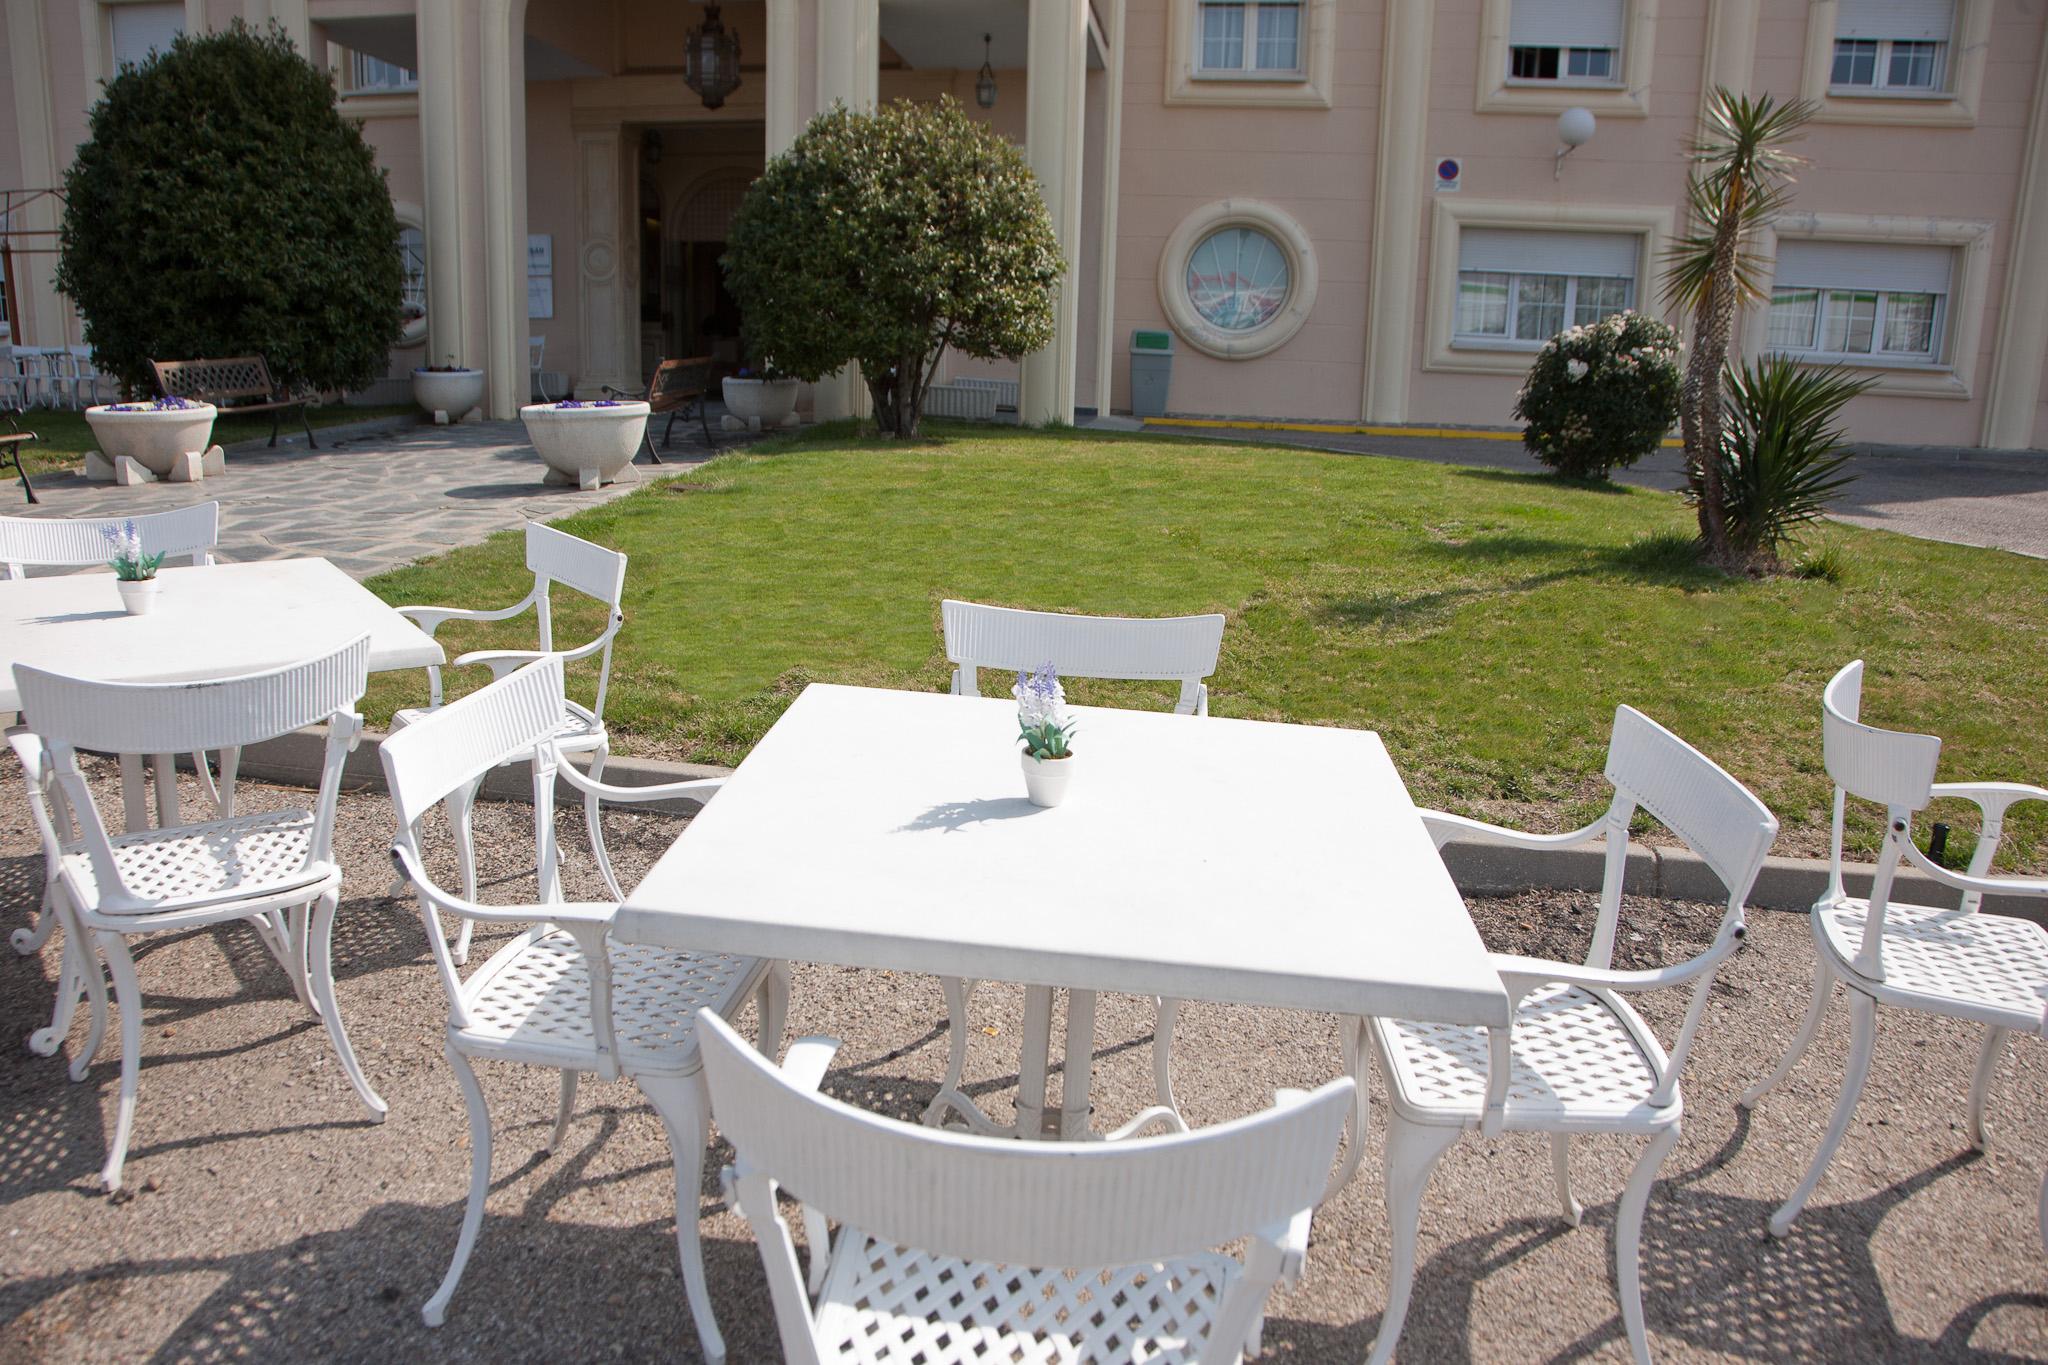 Terraza exterior residencia de ancianos SARquavitae Parque Gavilanes Toledo